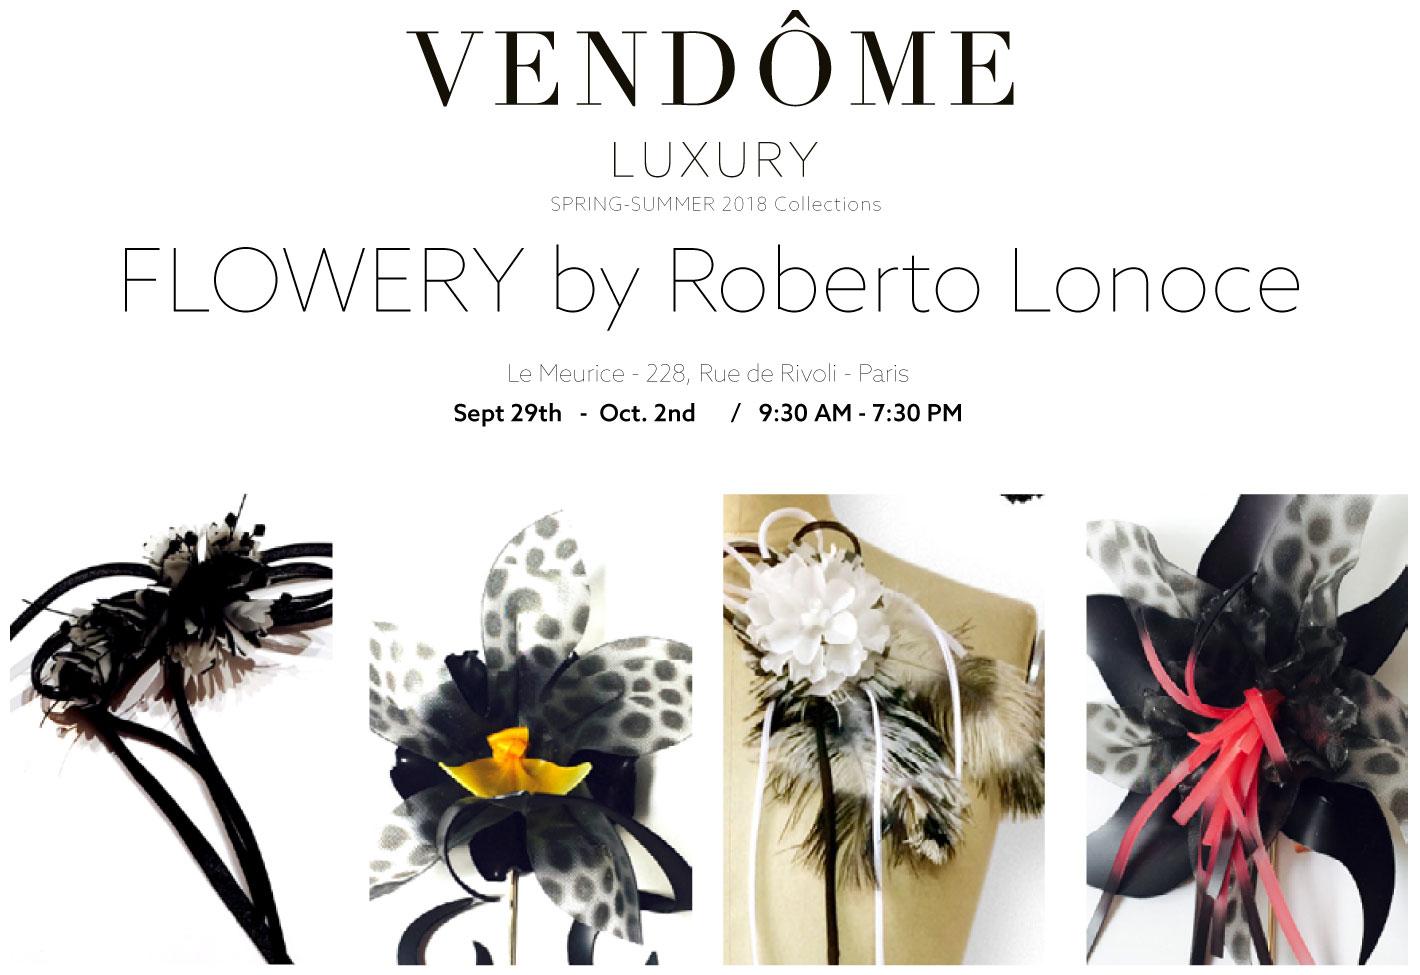 Flowery by Roberto Lonoce at Vendôme Luxury, Paris